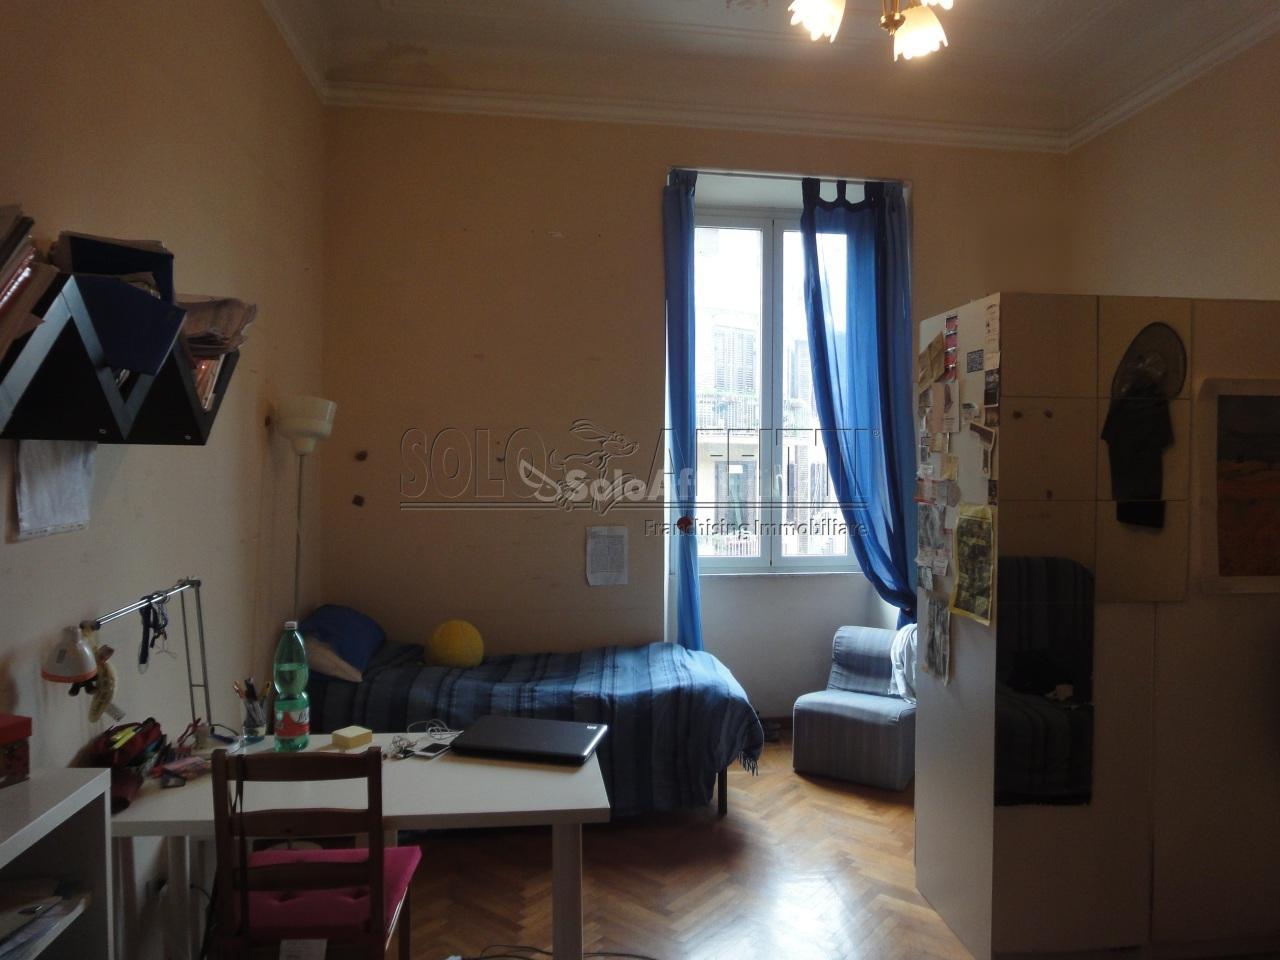 Affitto stanza in appartamento arredato for Appartamento arredato